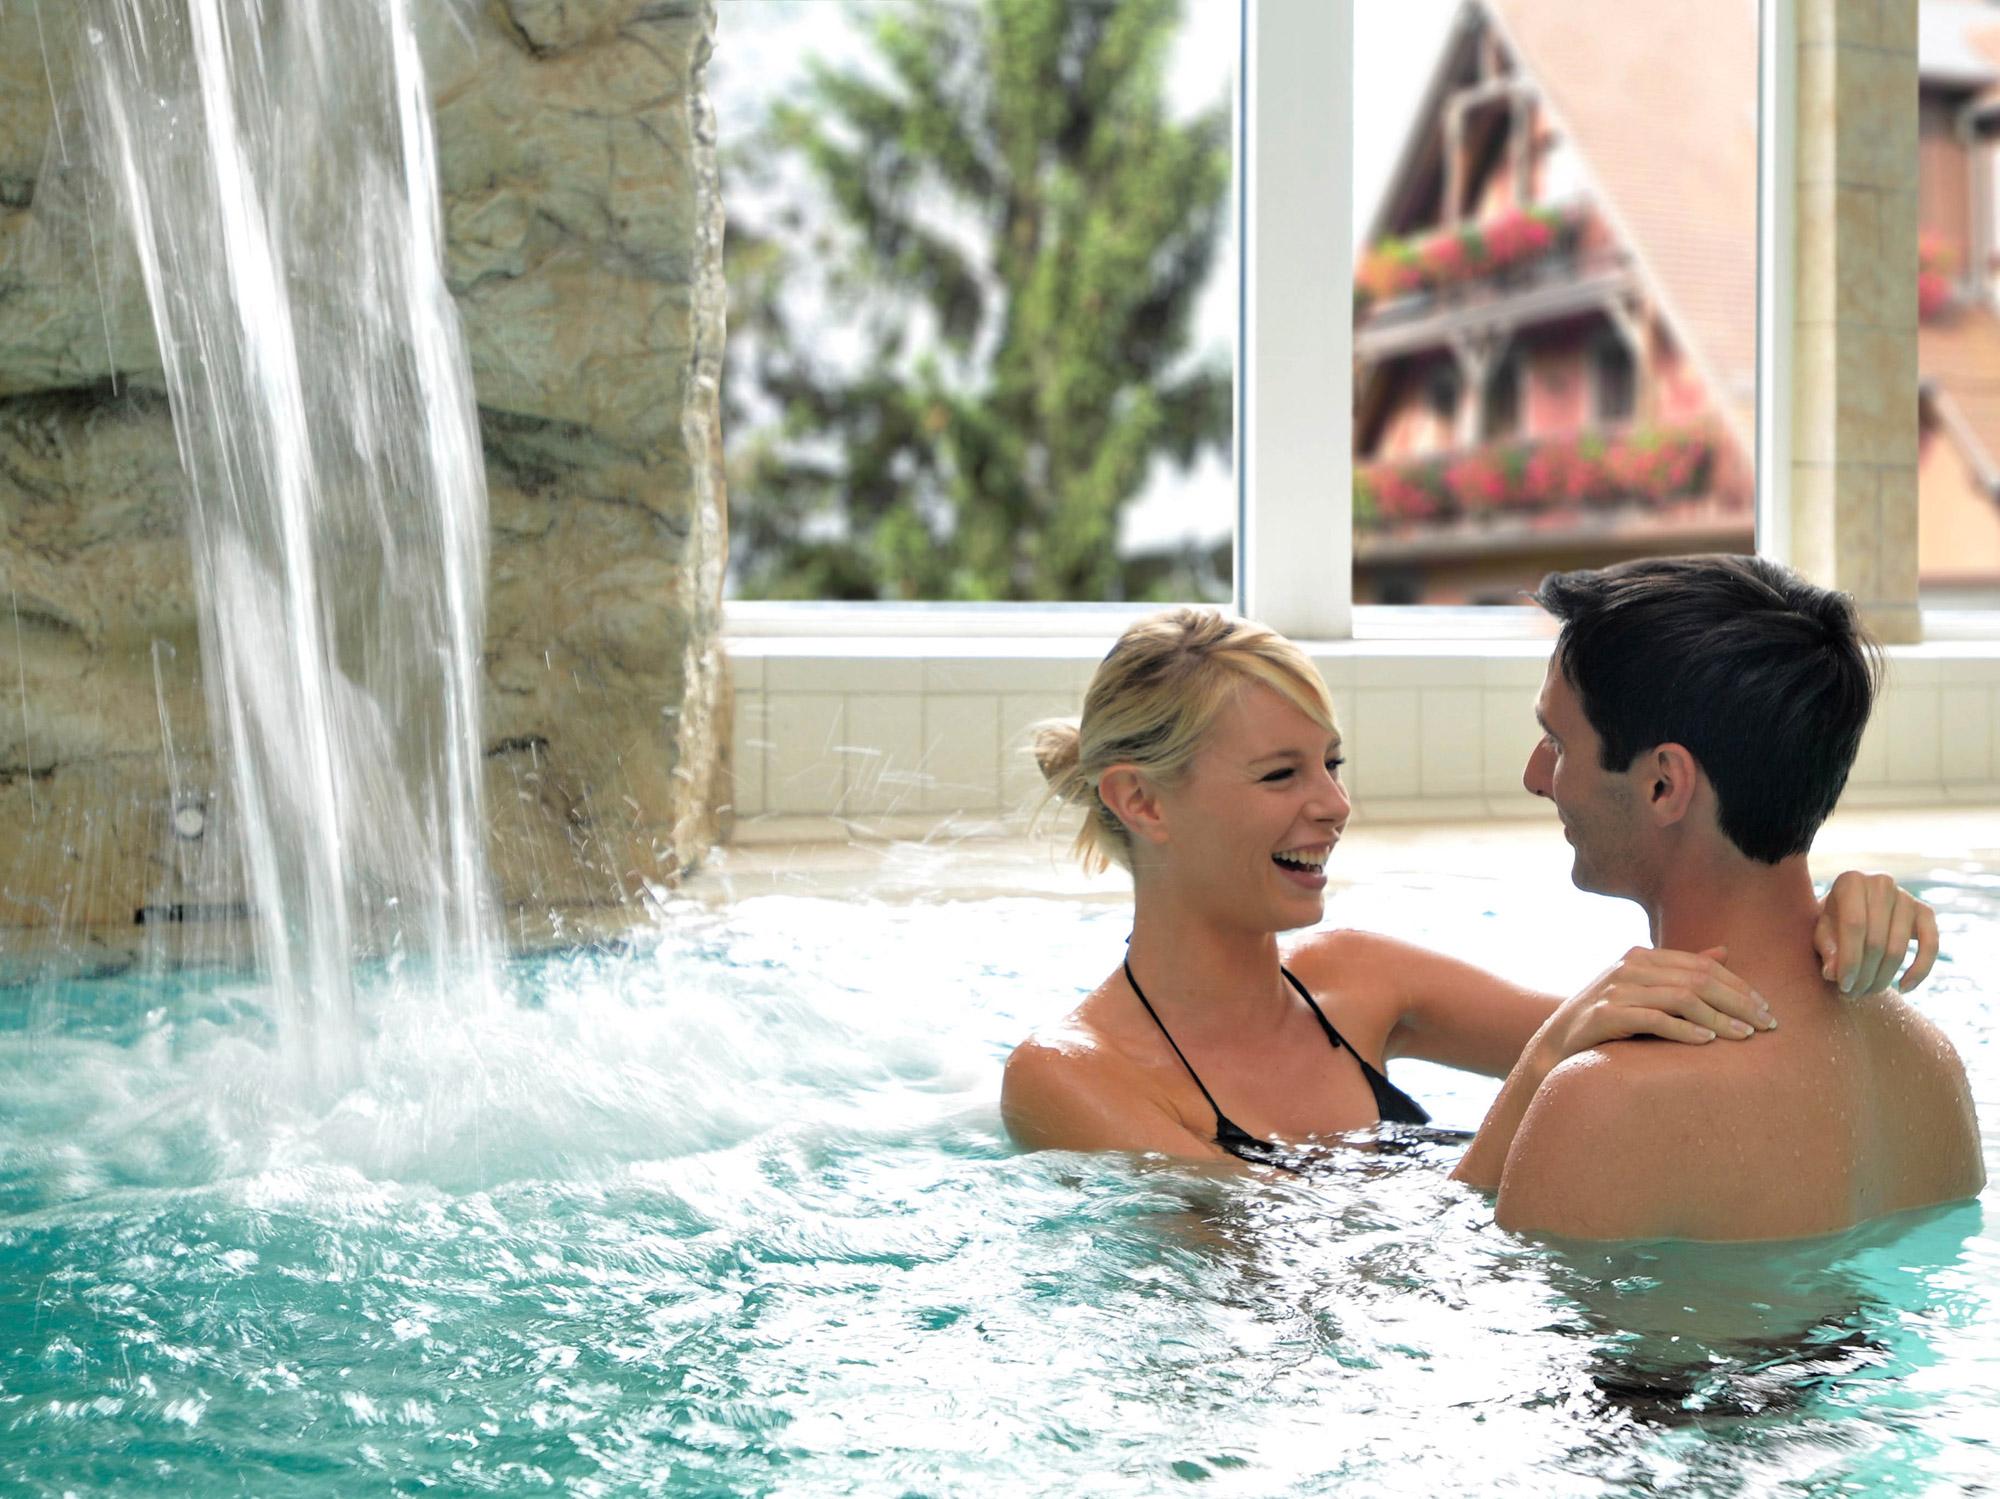 Jeune couple immergé dans l'eau d'une piscine en train de se détendre